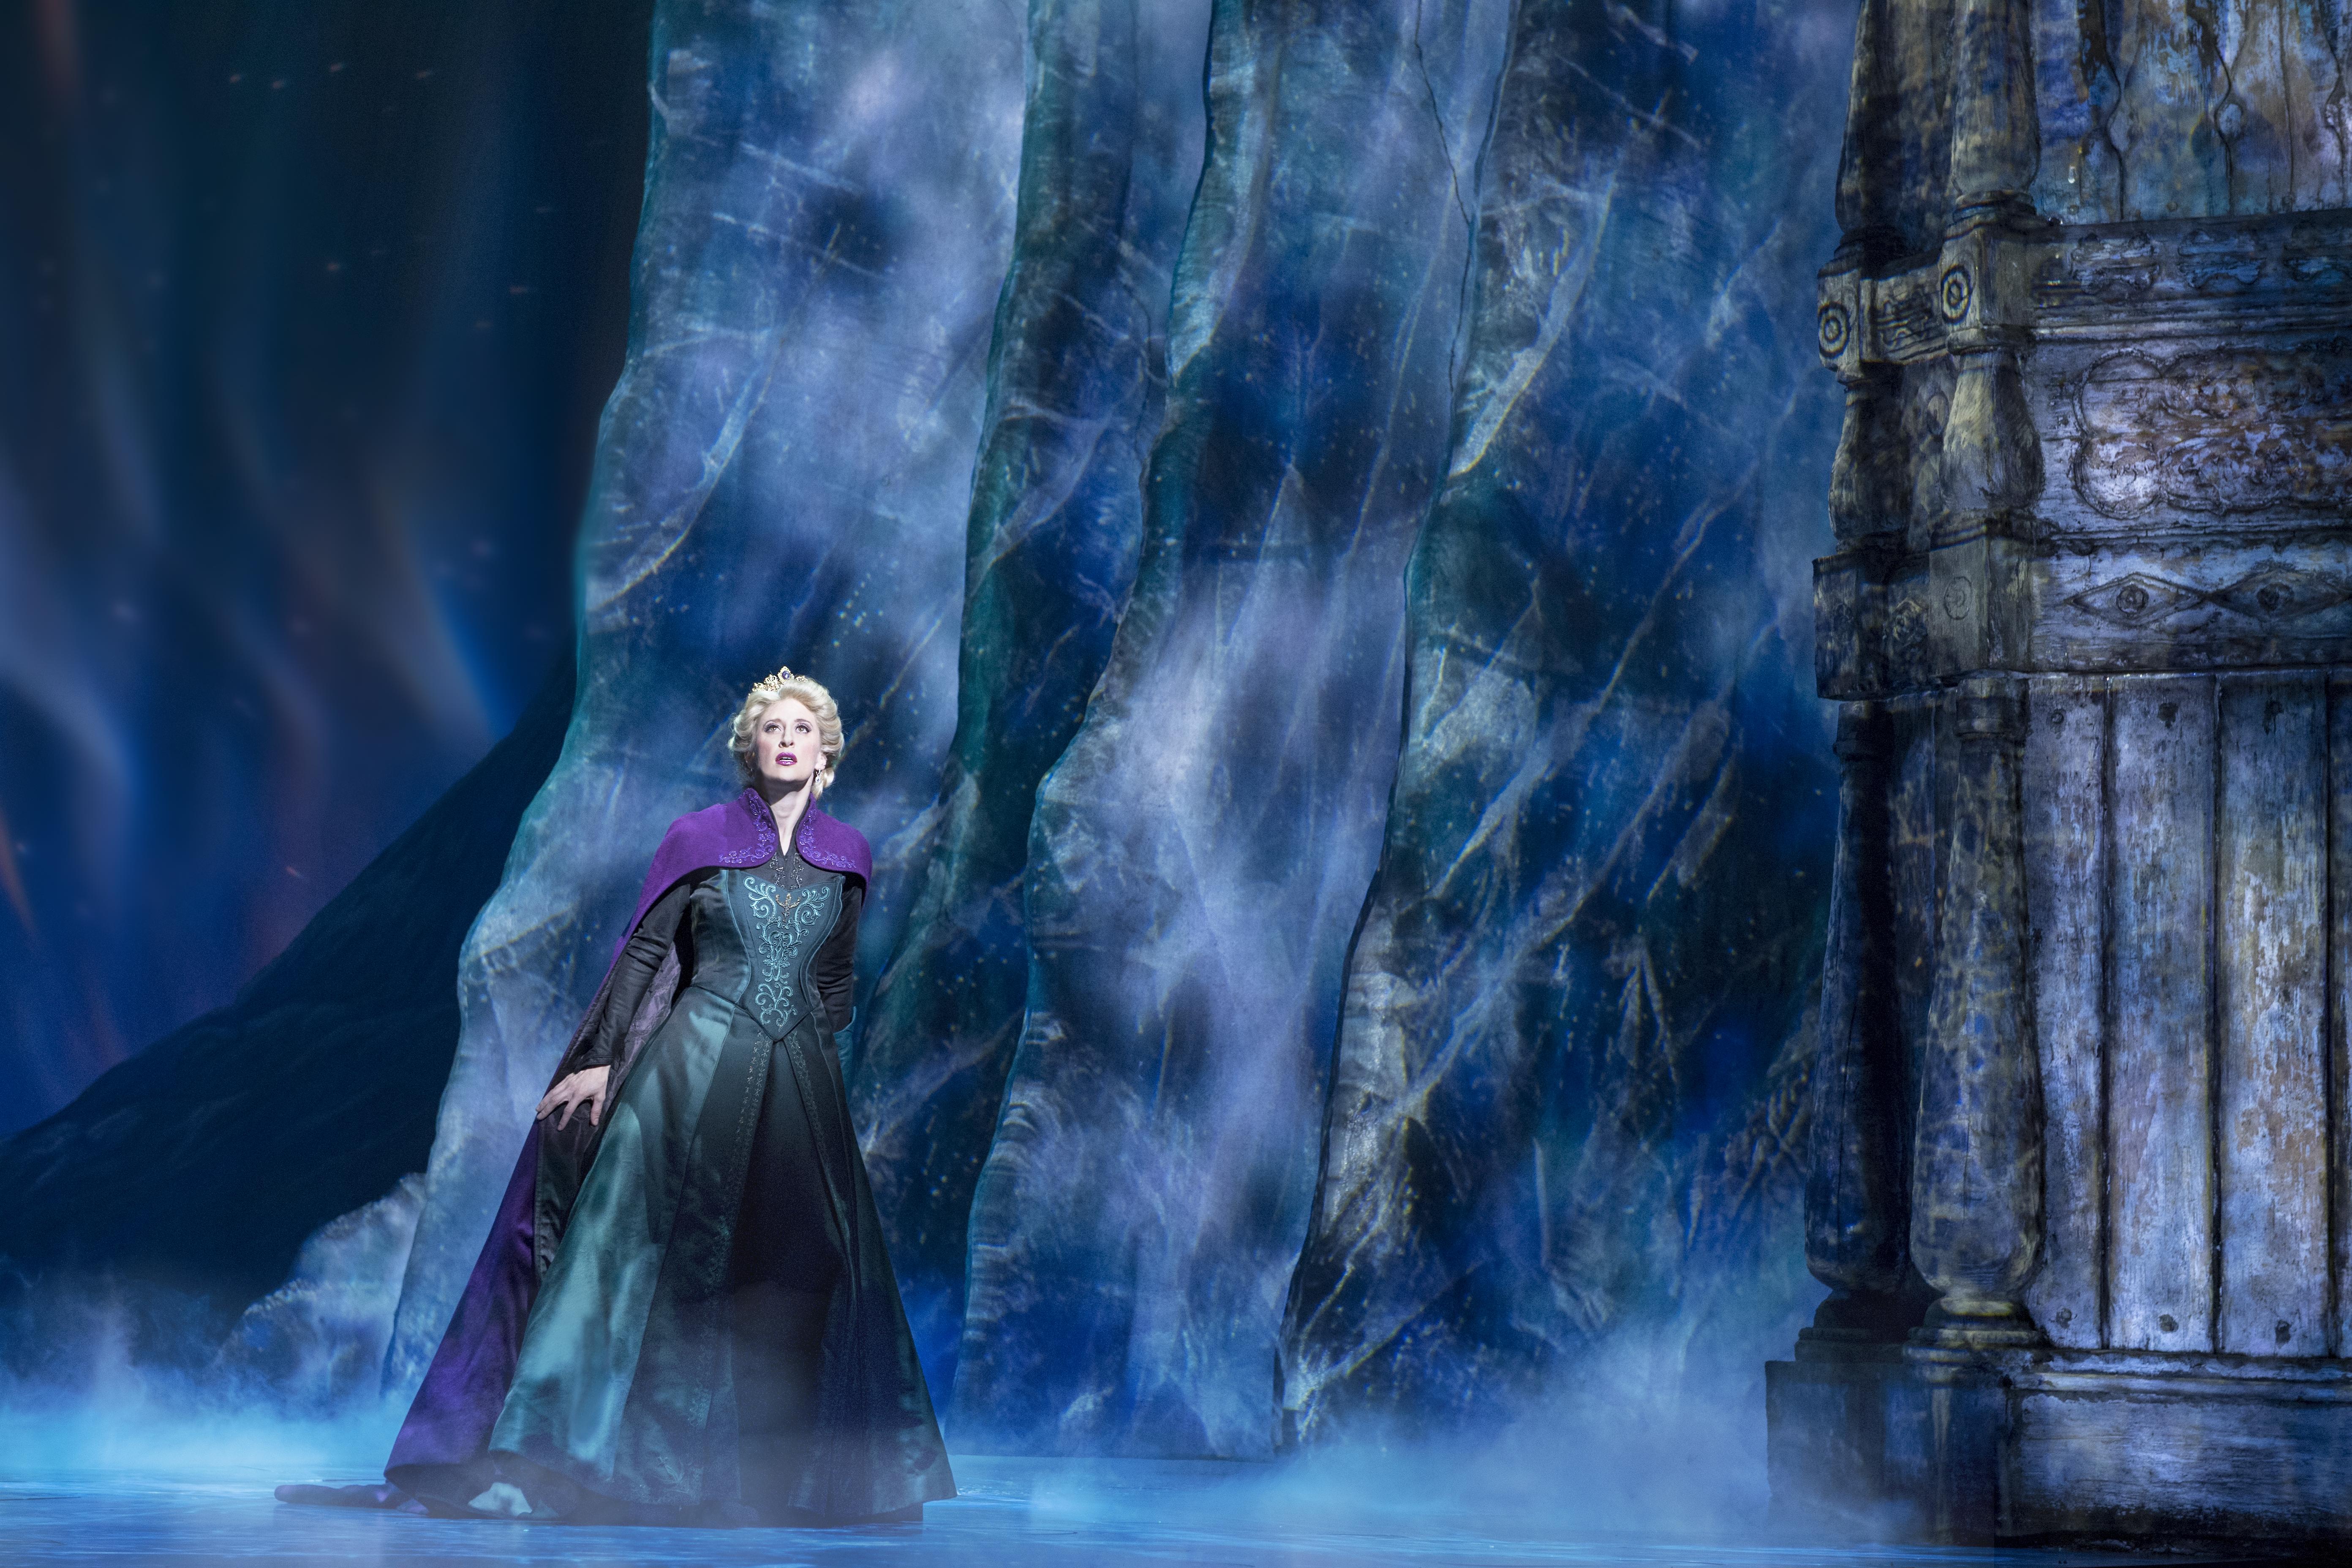 Caissie-Levy-as-Elsa-in-FROZEN-on-Broadway-Freeze.-Photo-by-Deen-van-Meer.jpg